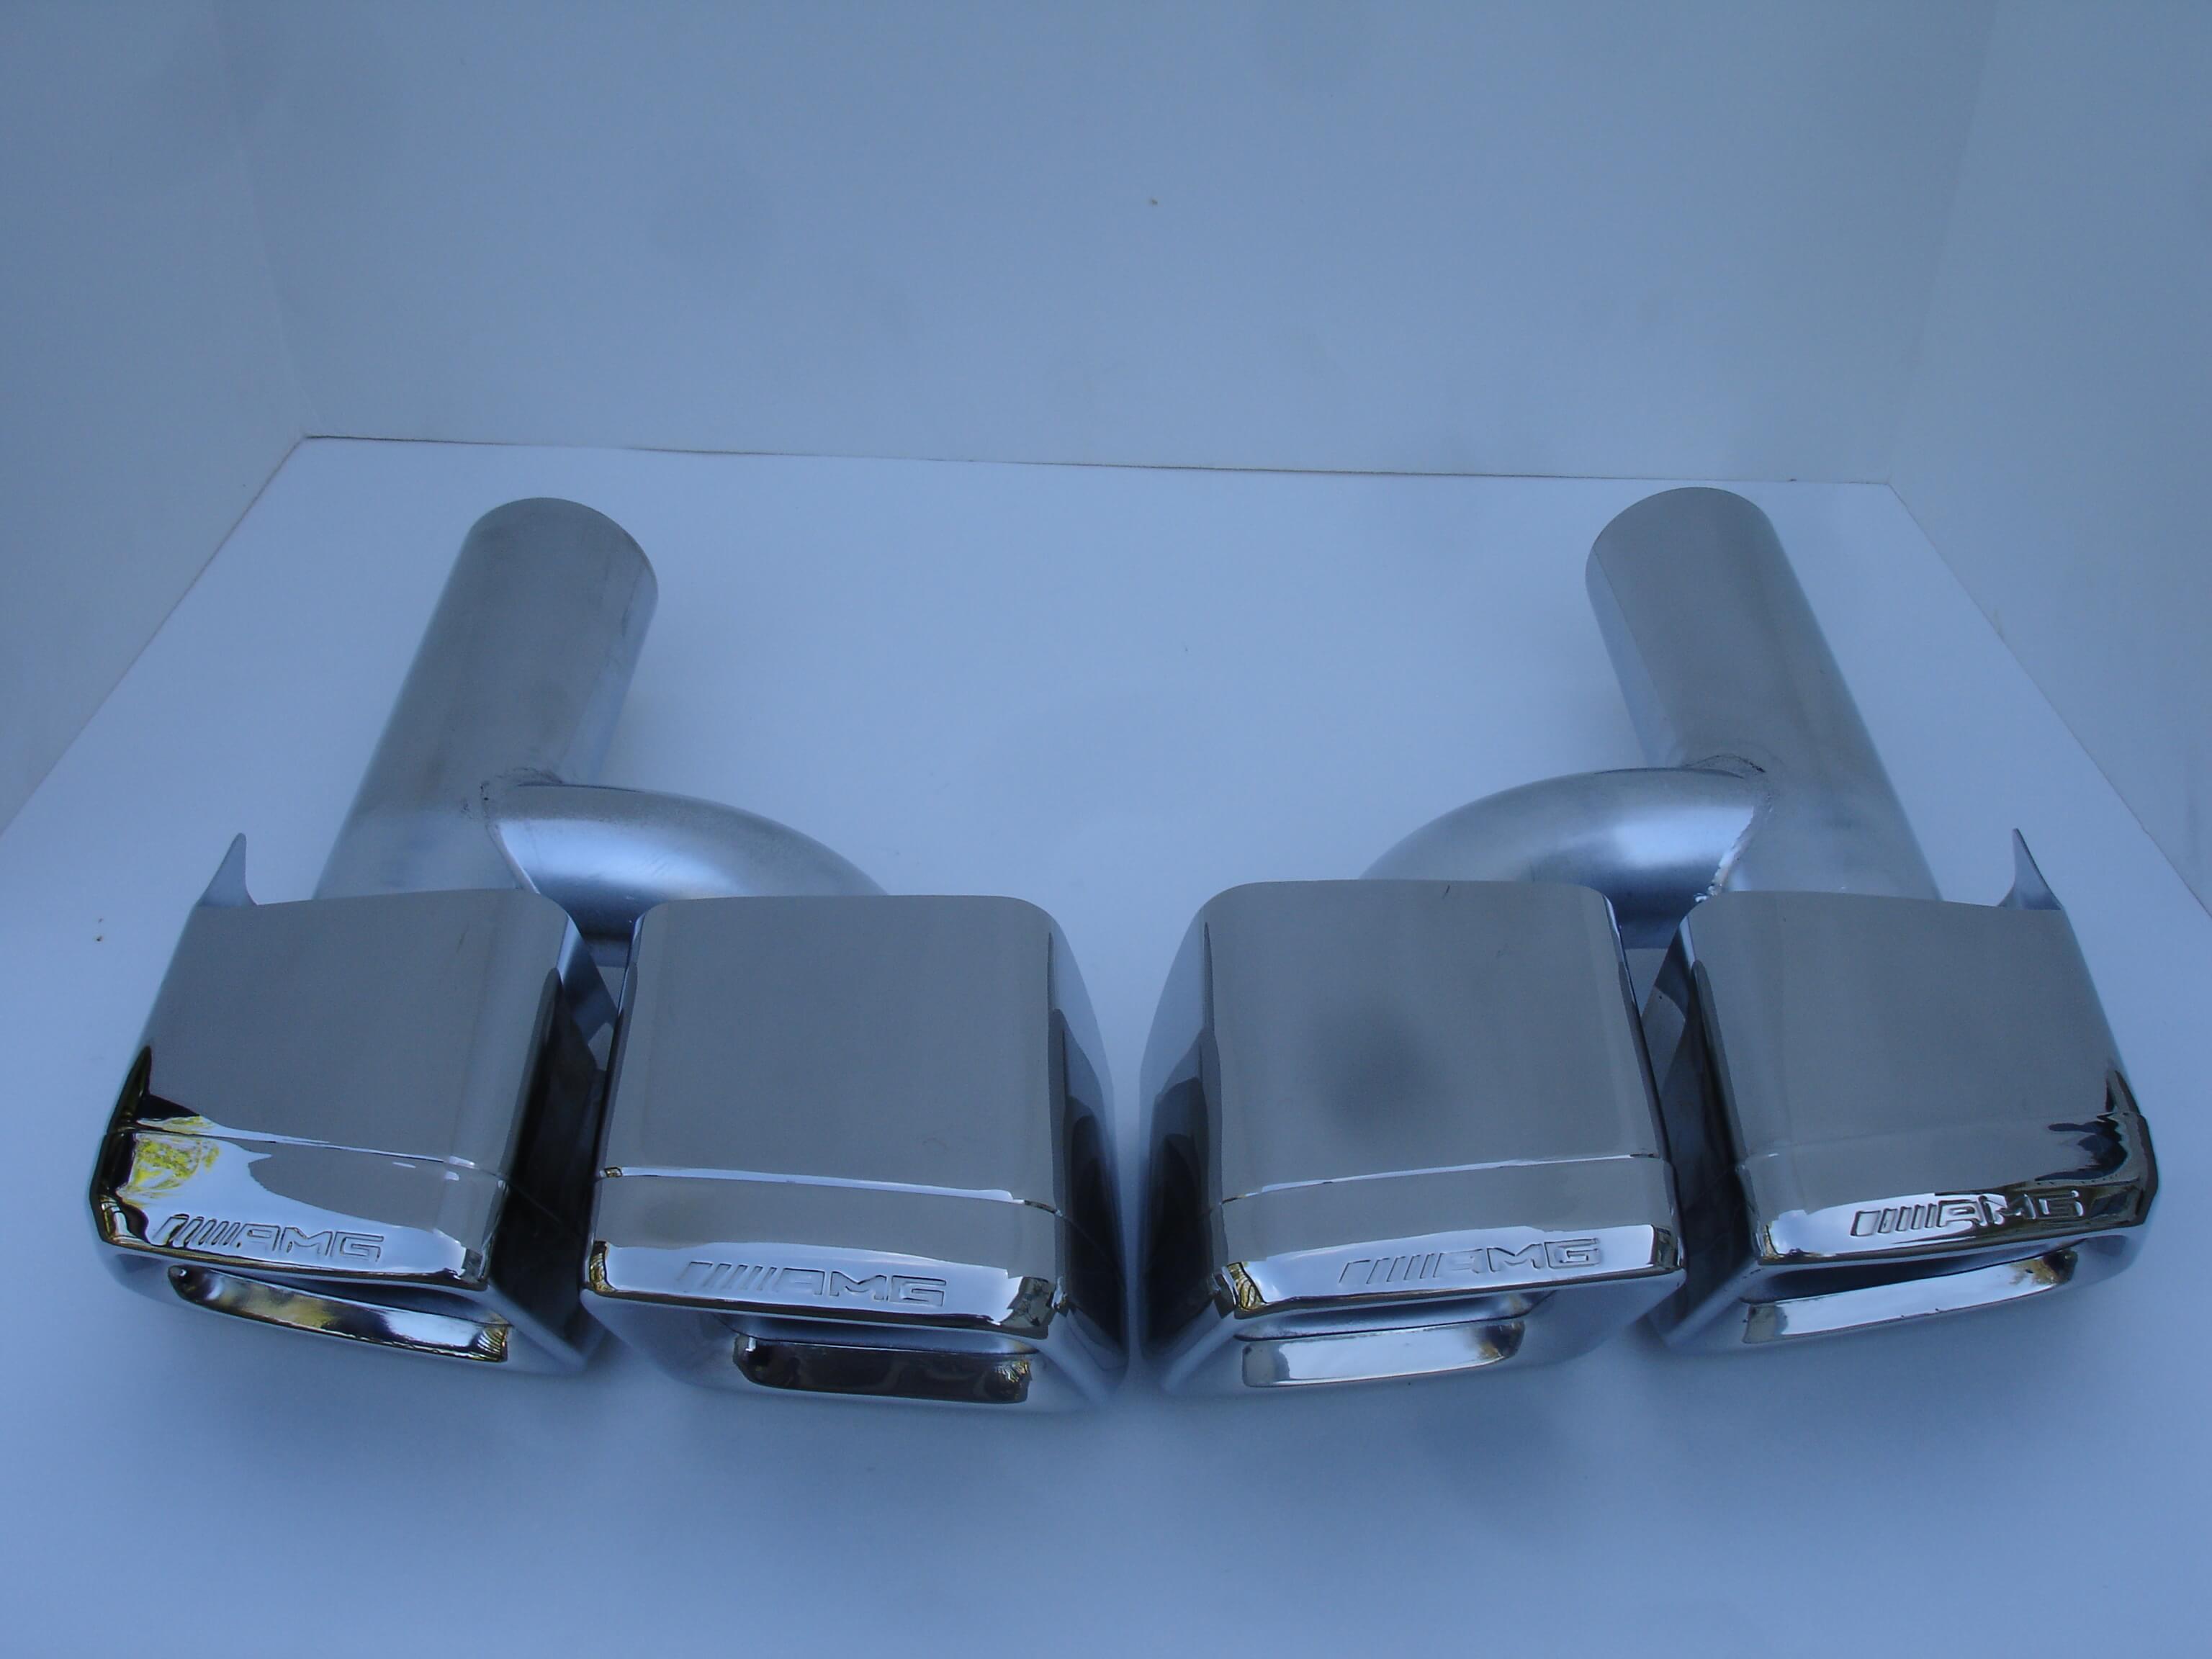 Mercedes Benz E63 AMG Style Exhaust Tips W212 C207 E Class E300 E350 E500 09-12